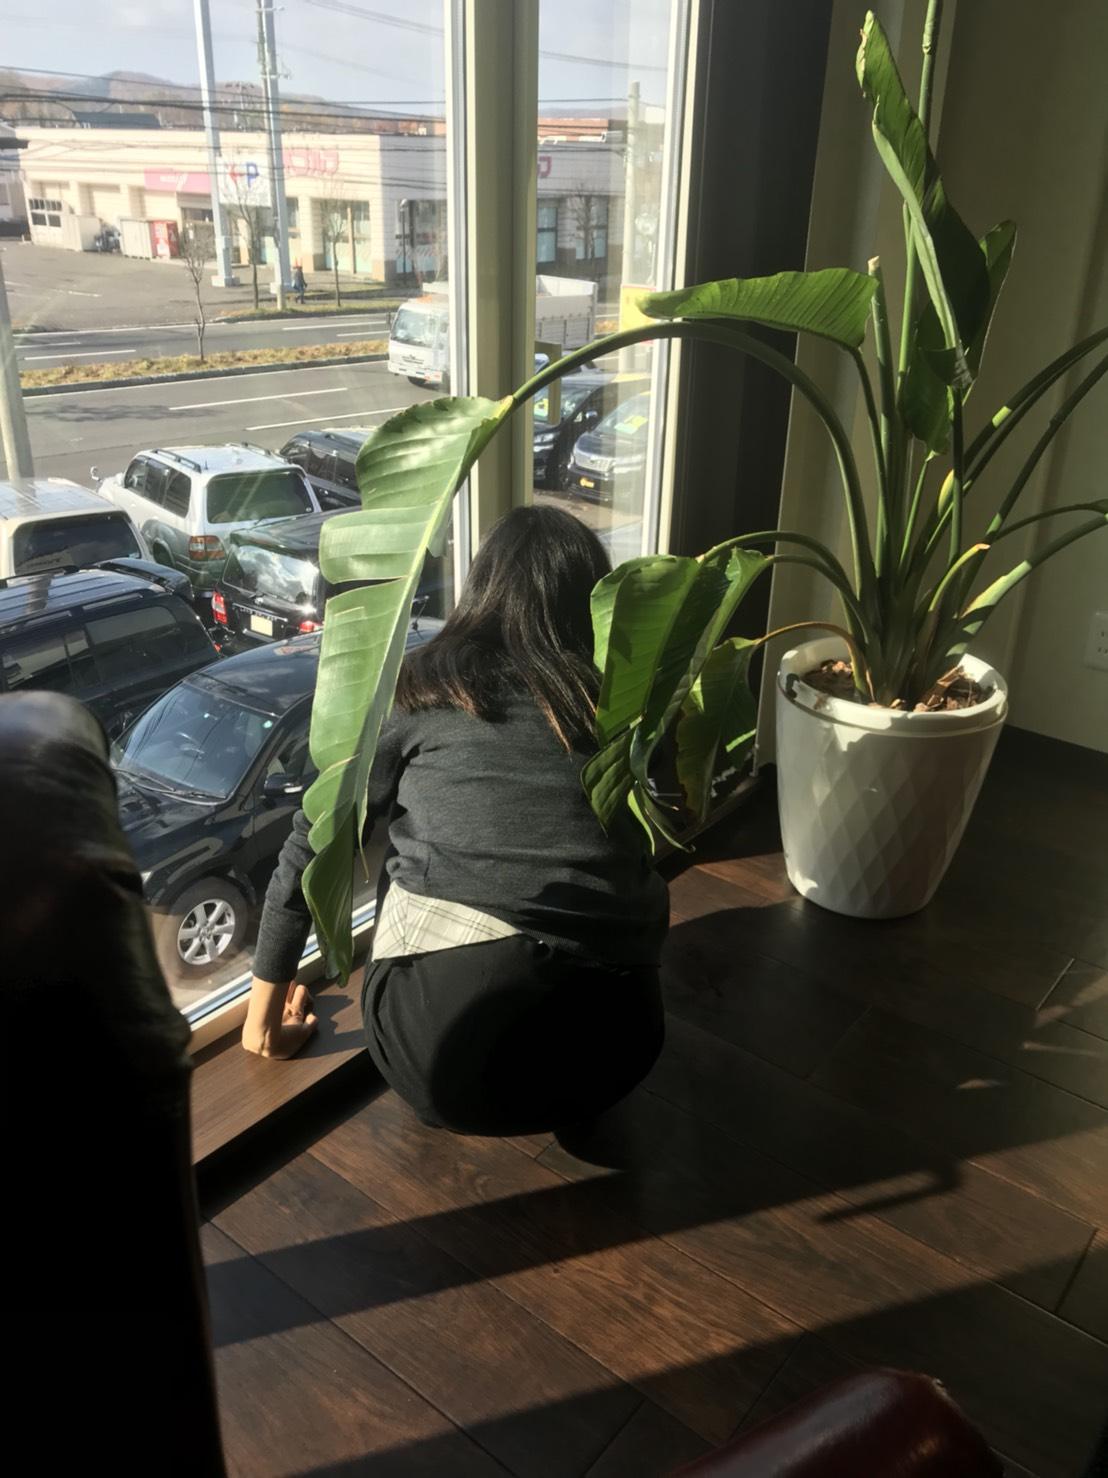 10月31日 ひとログTueヽ( 'ω' )ノ マクラーレン・GTR?!スーパーカーがTOMMYにやってきた!_b0127002_17115529.jpg